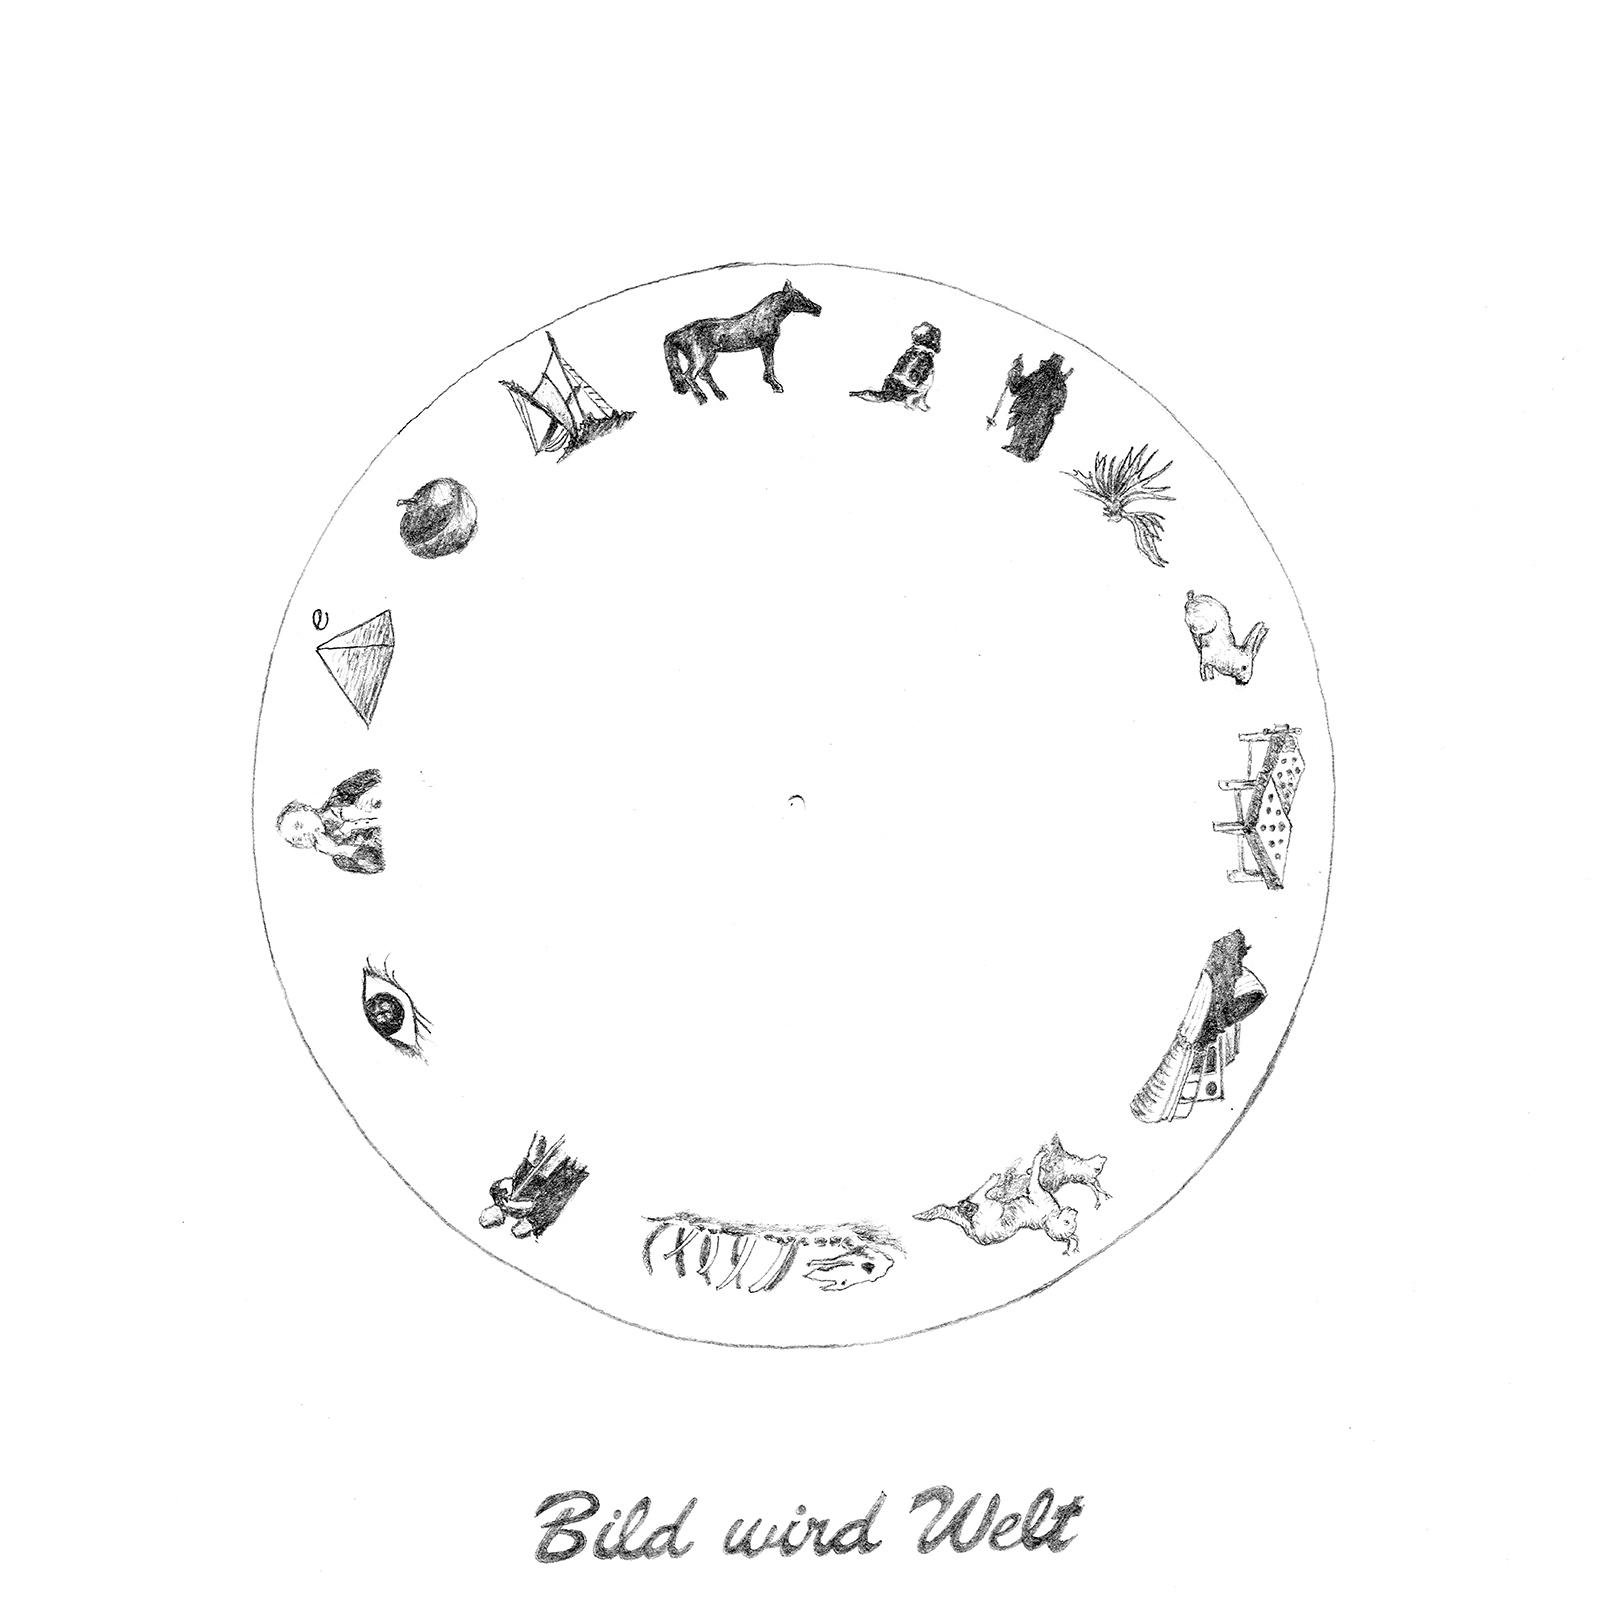 72_bild-wird-welt-1